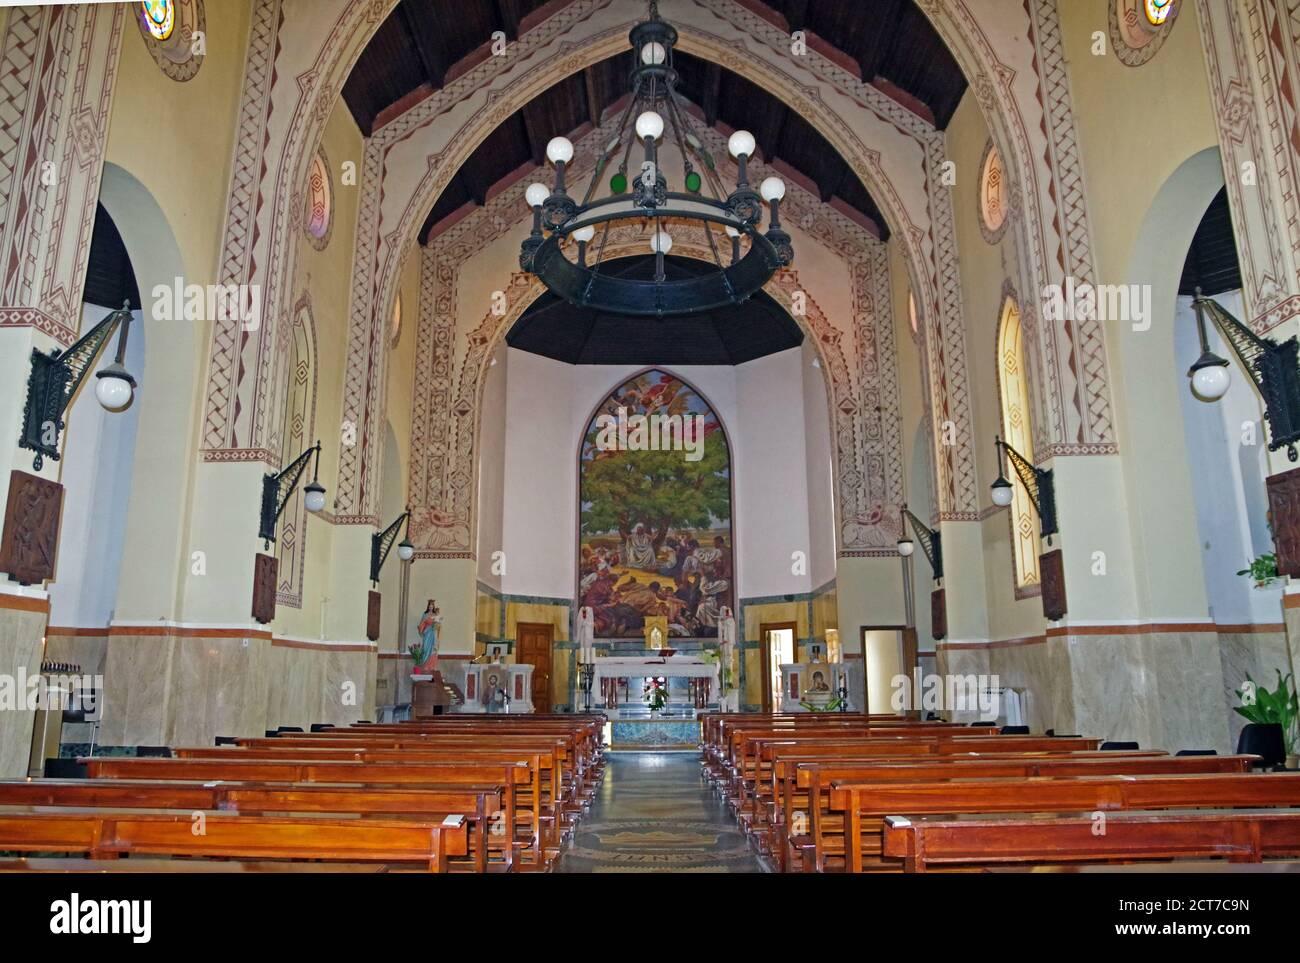 Arborea, Sardegna, Italia. La chiesa del Santo Redeemerr Foto Stock